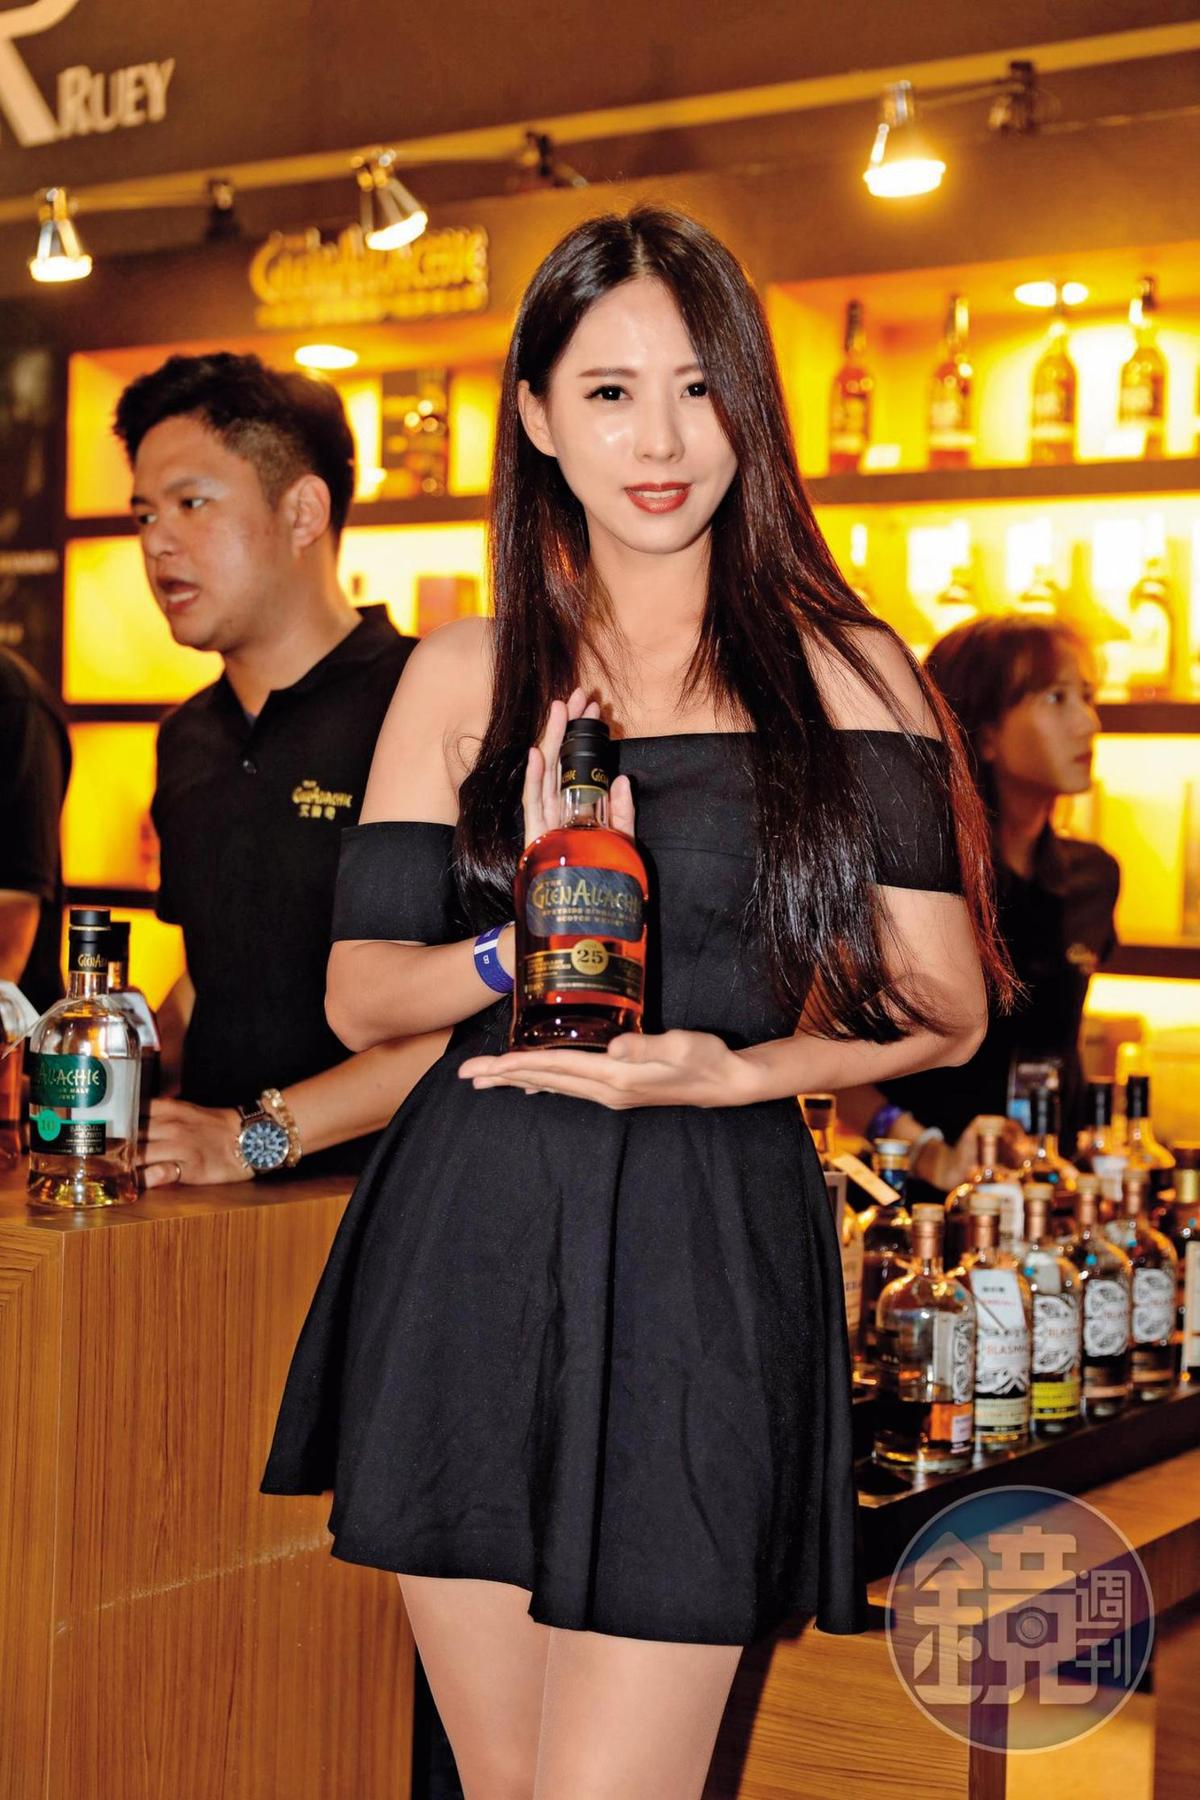 常瑞攤位的美女拿著他們最新代理引進的格蘭艾樂奇單一麥芽威士忌25年,是叫好又叫座的商品。